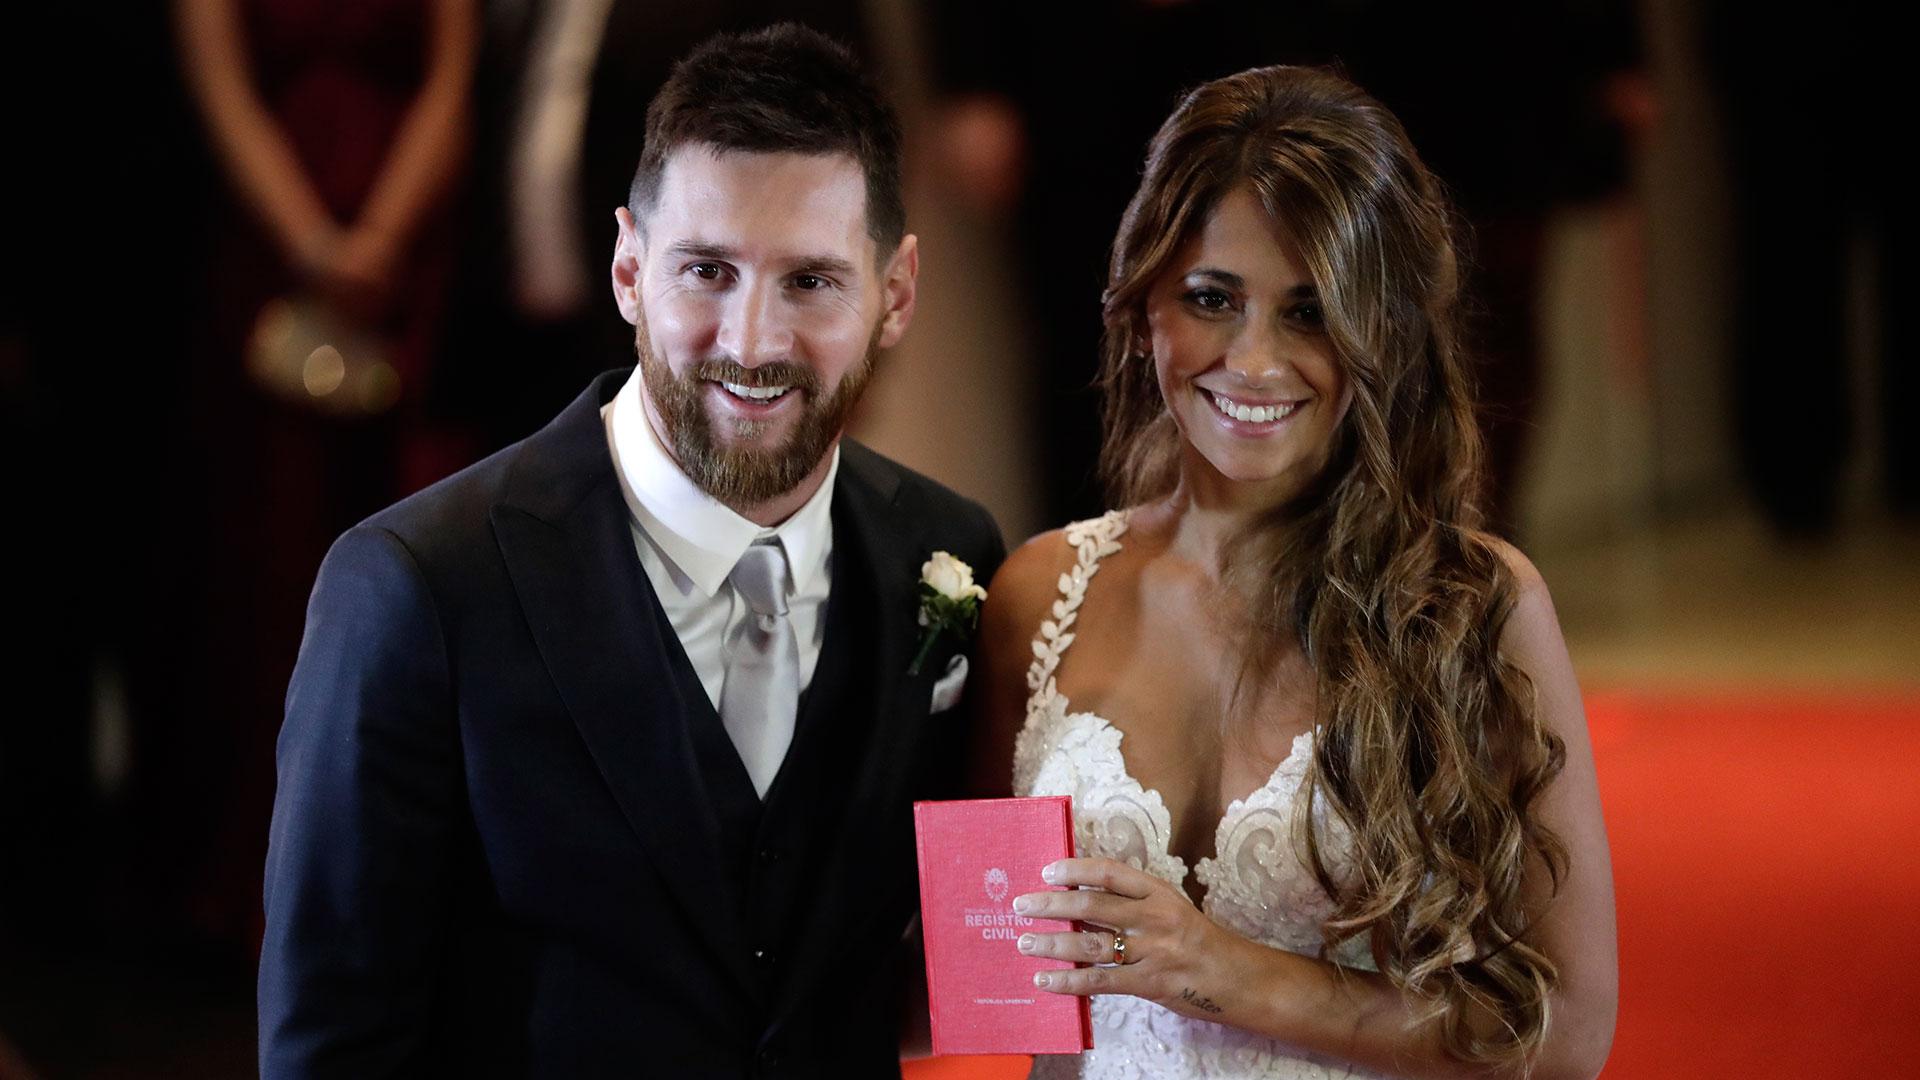 Messi eligió vestirse con un un smoking azul de Armani mientras que Roccuzzo lució un vestido blancodiseñado especialmente por la catalana Rosa Clará